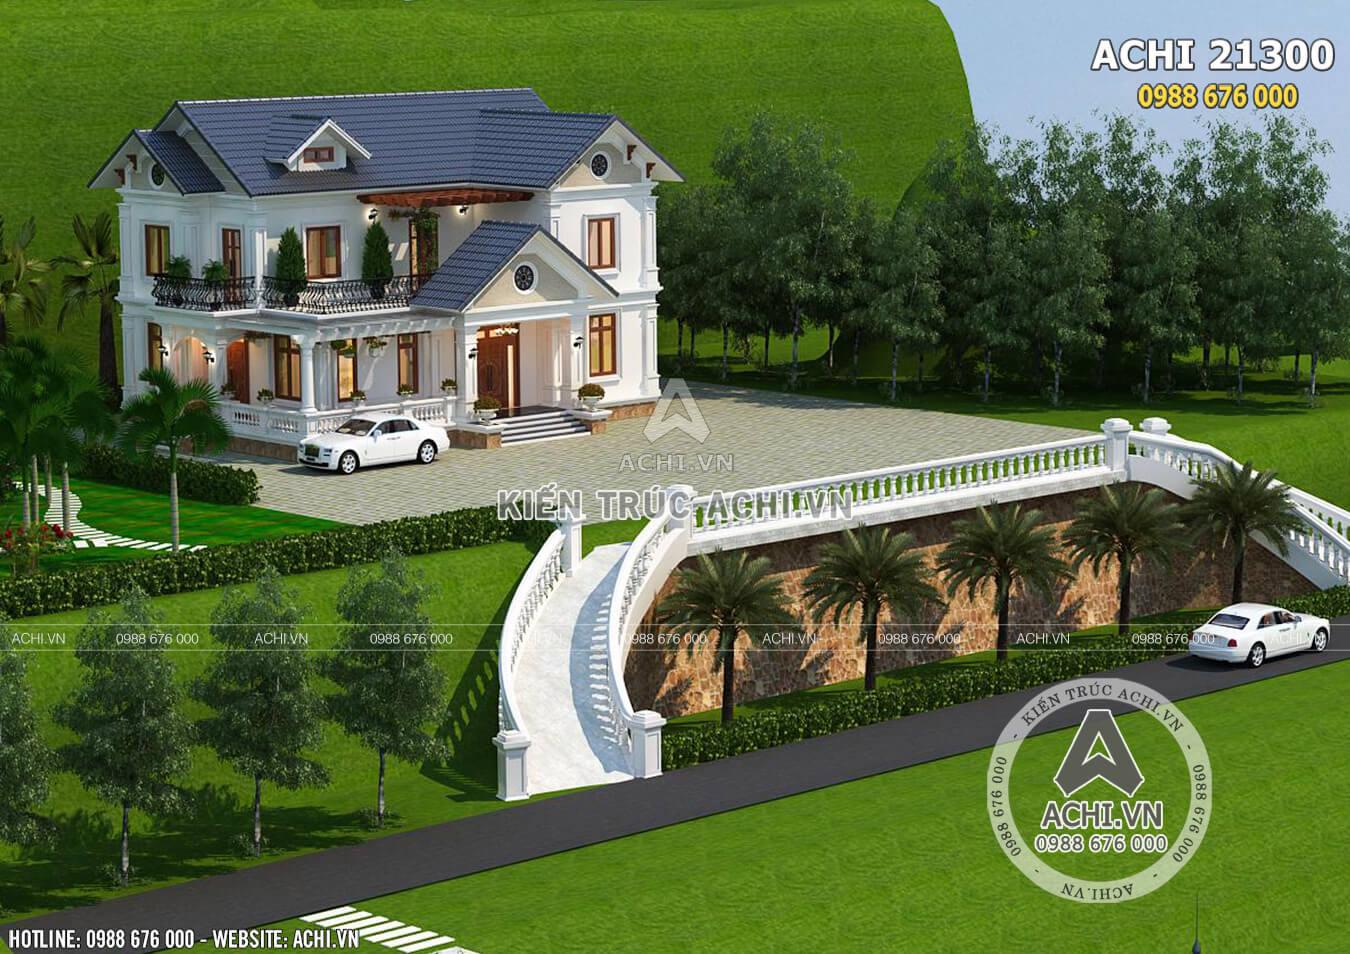 Mẫu thiết kế biệt thự 2 tầng mái Thái đẹp 150m2 - Mã số: ACHI 21300